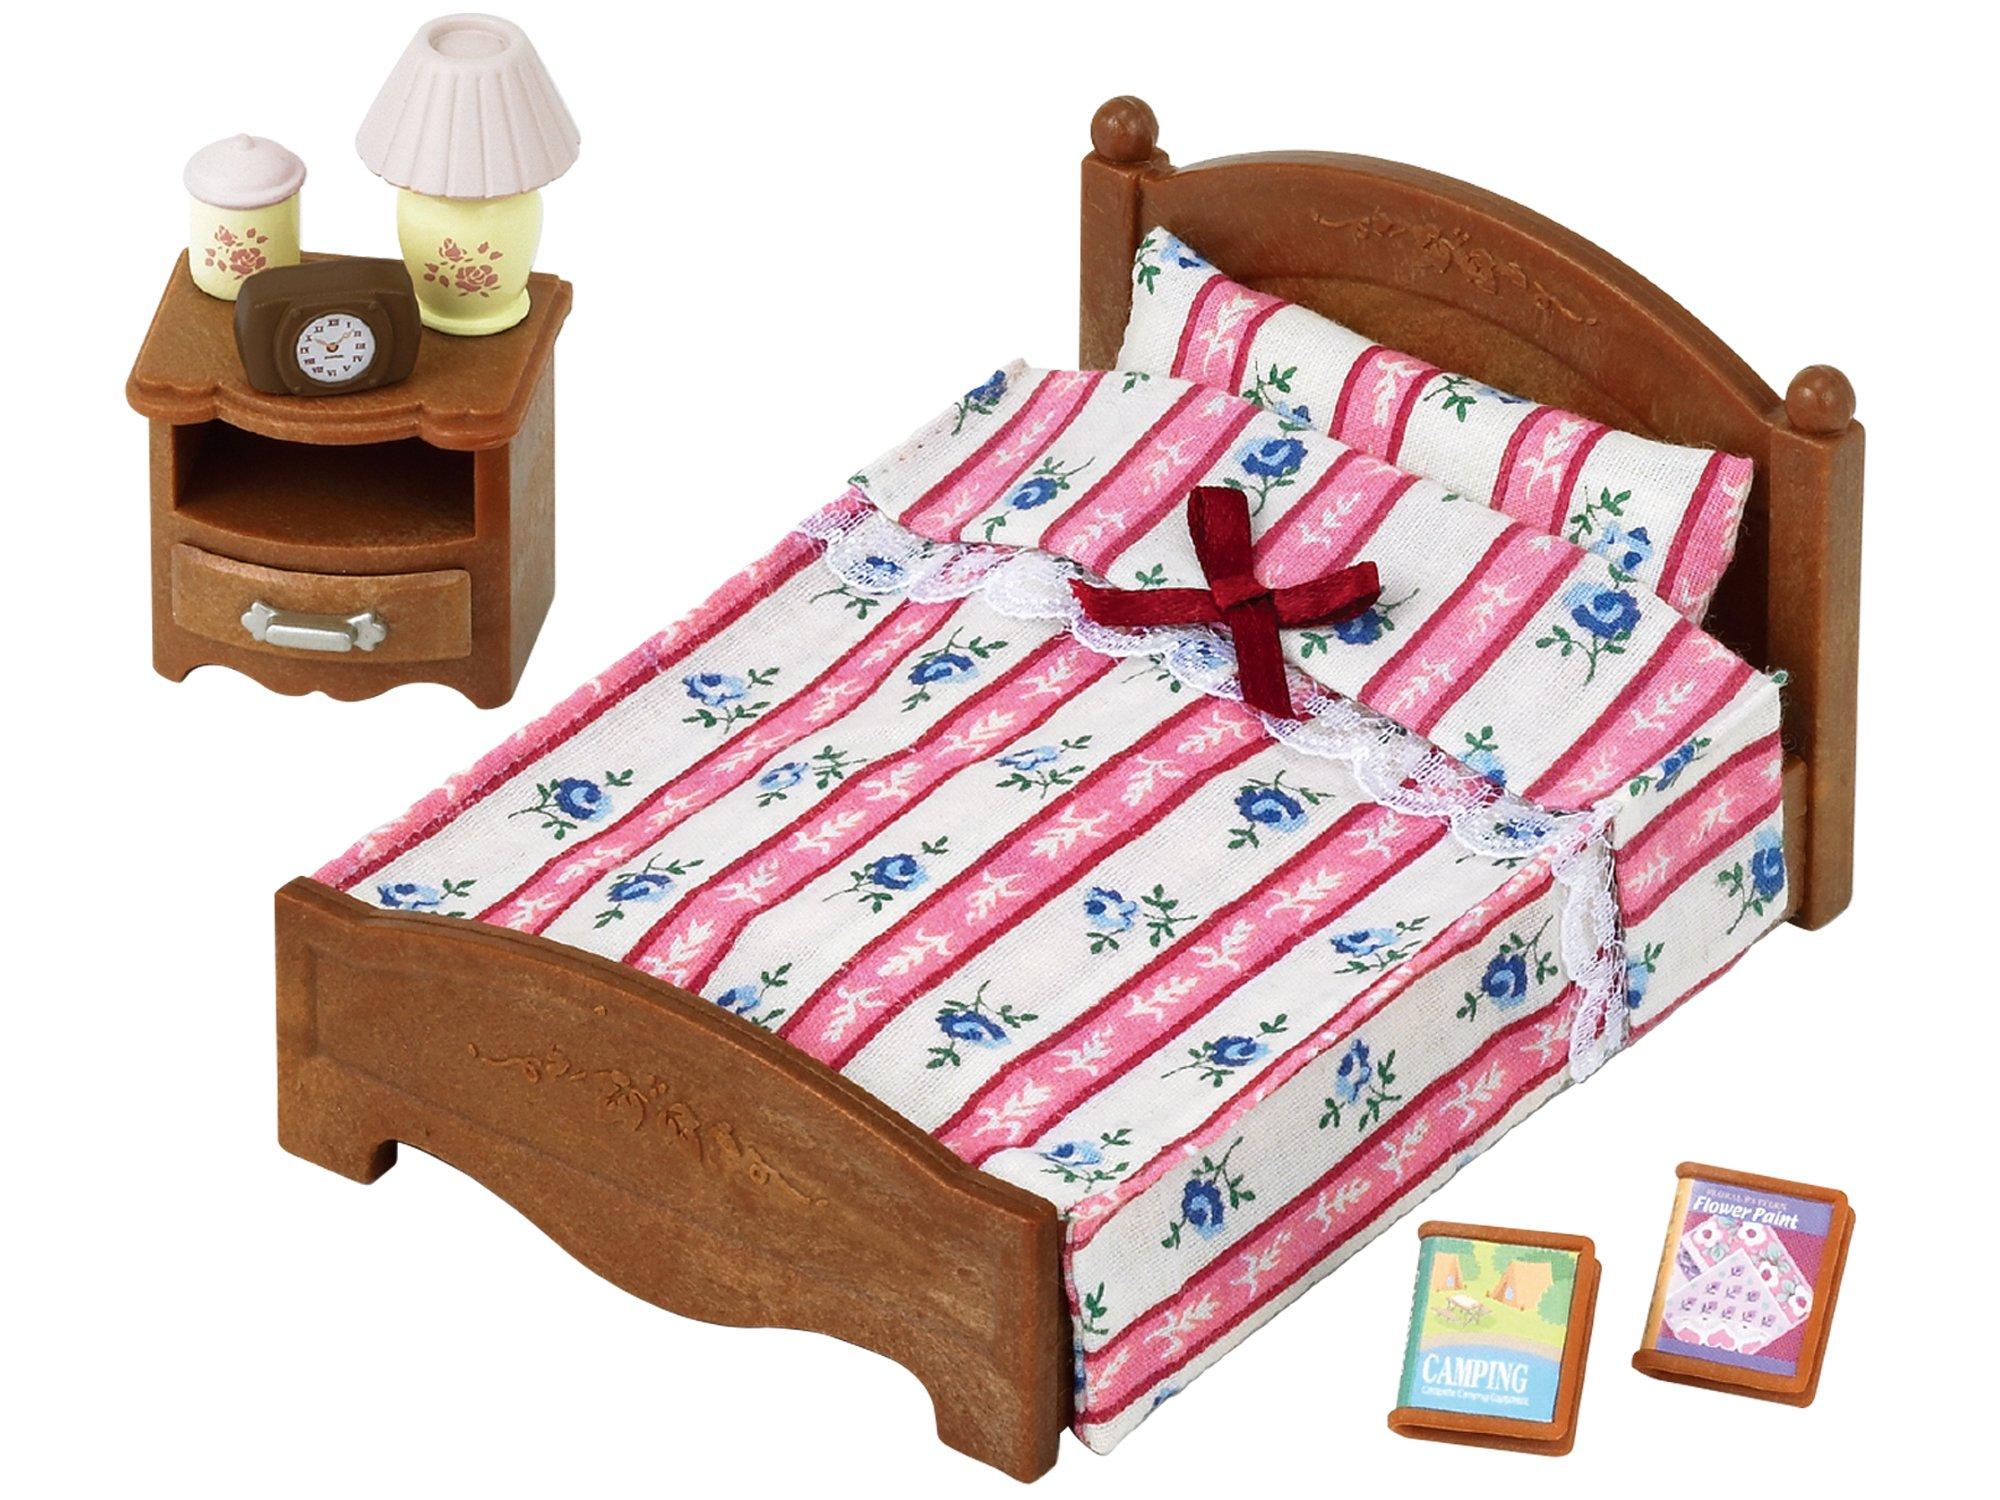 Sylvanian Families 5019 - Cama semi doble - Muñecas y accesorios - Sylvanian product image